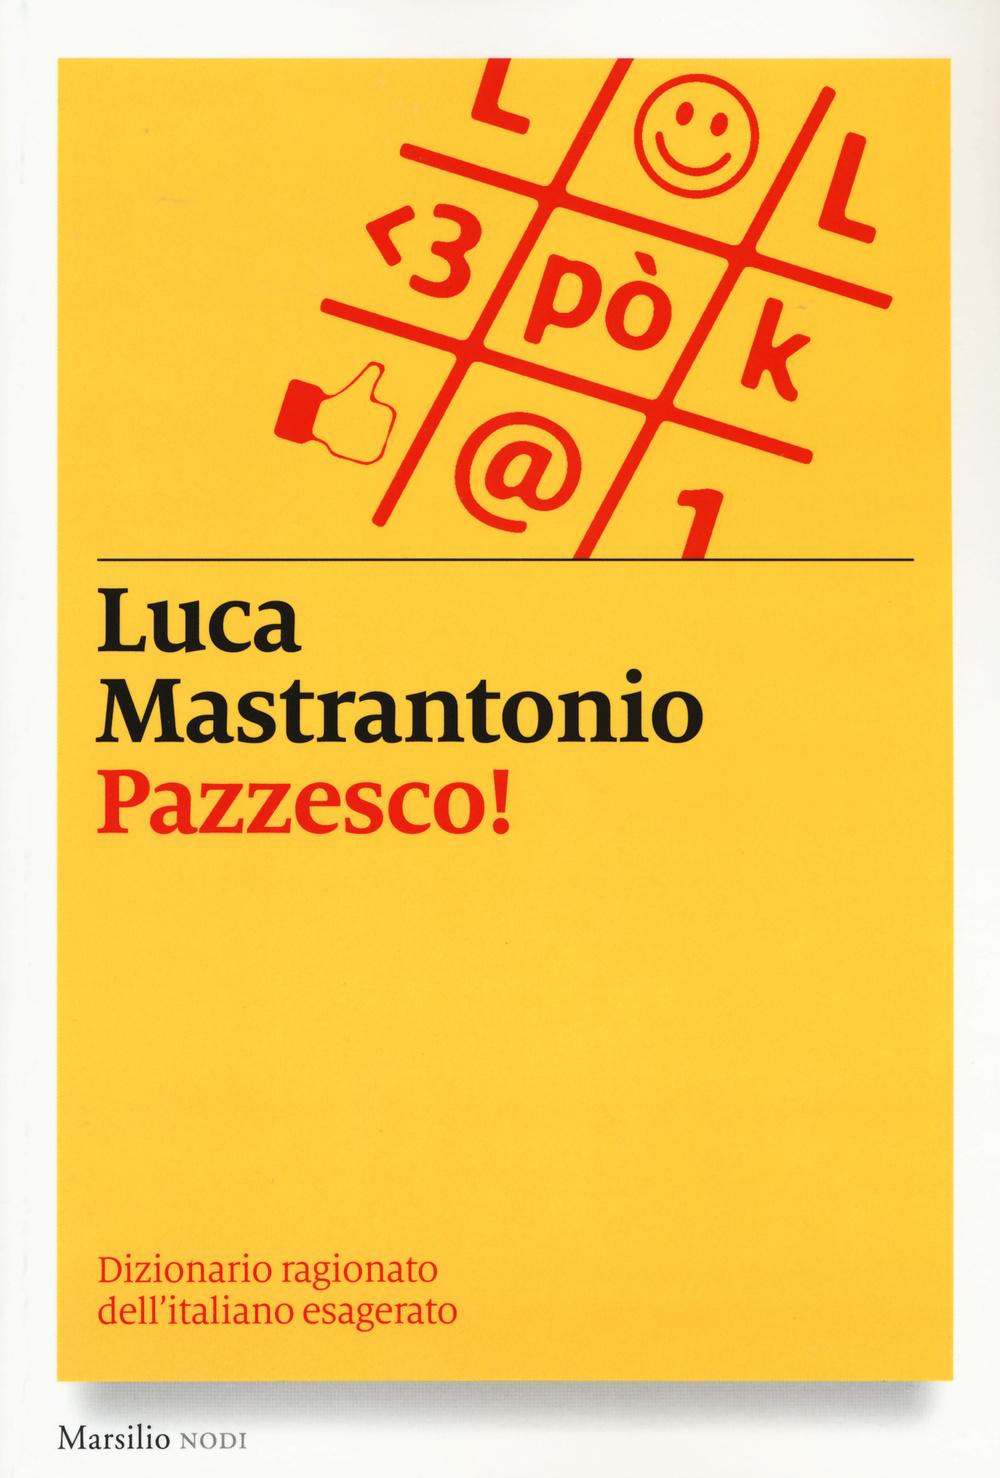 PAZZESCO! DIZIONARIO RAGIONATO DELL'ITALIANO ESAGERATO - 9788831721325